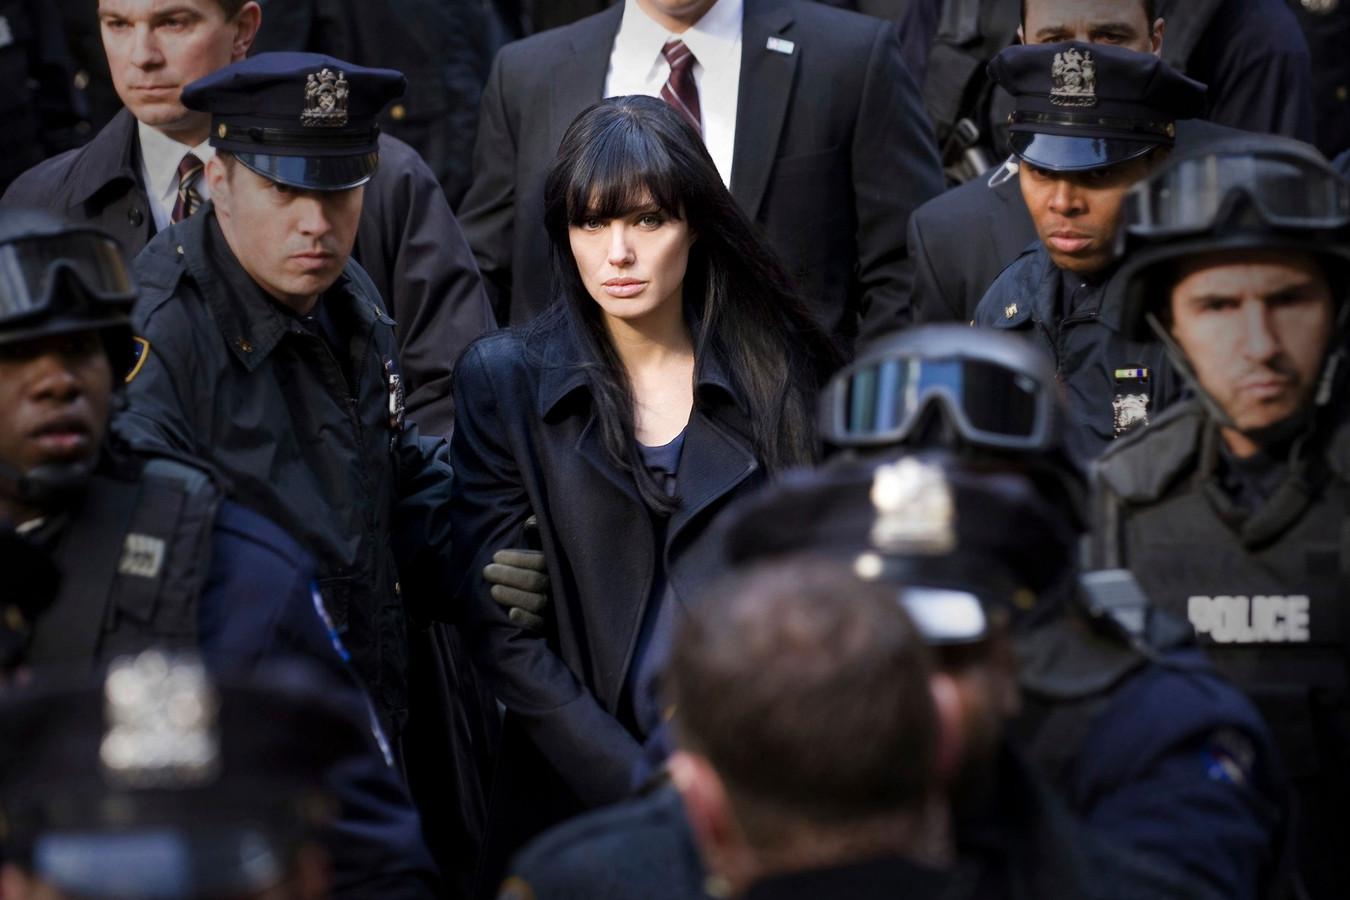 Een beeld uit de film 'Salt' waarvoor Angelina samenwerkte met operationele agenten;